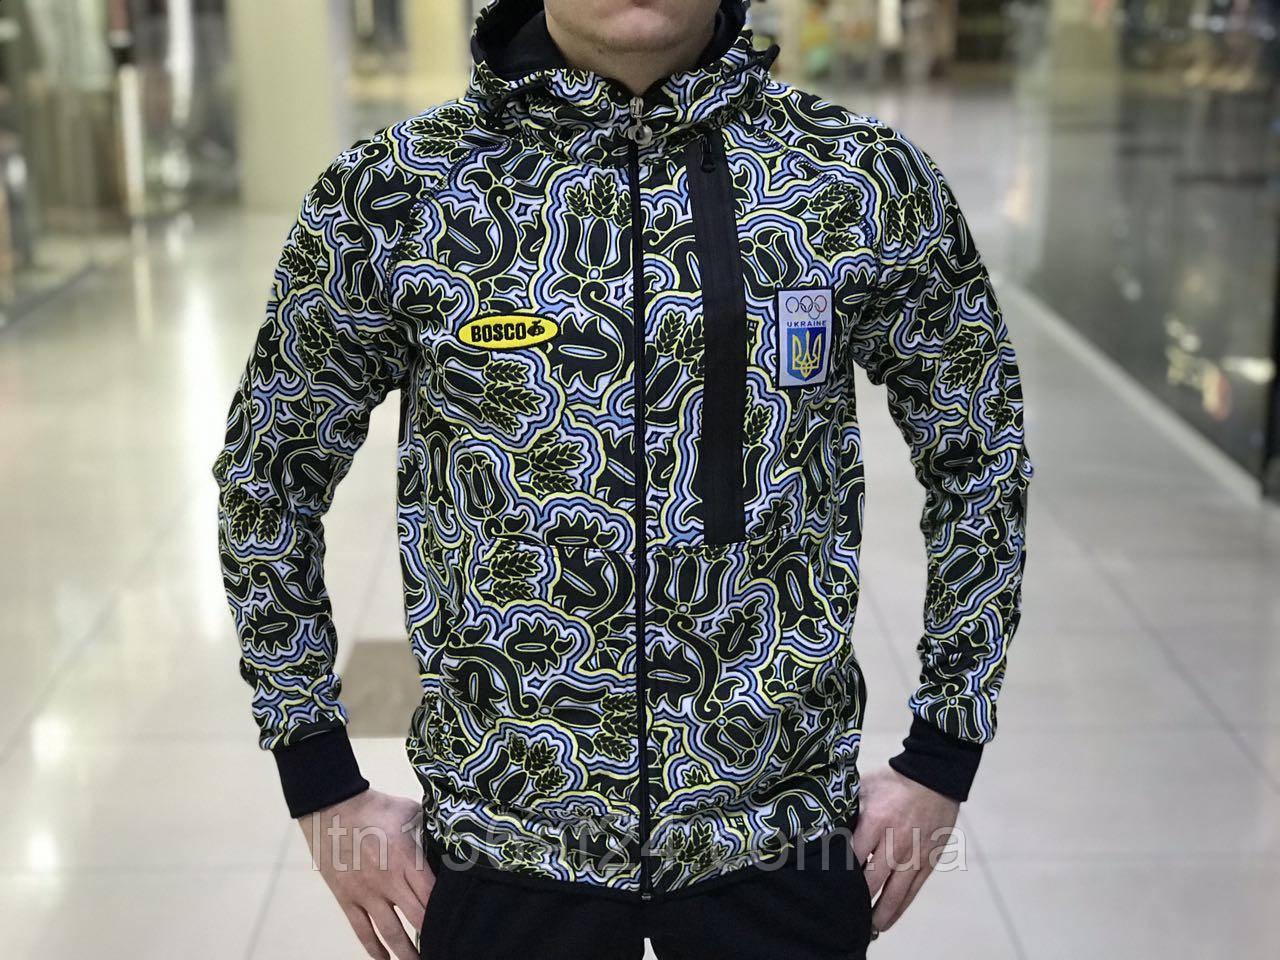 Спортивні костюми BOSCO SPORT УКРАЇНА. new collection 2021 Спортивний костюм БОСКО СПОРТ УКРАЇНА